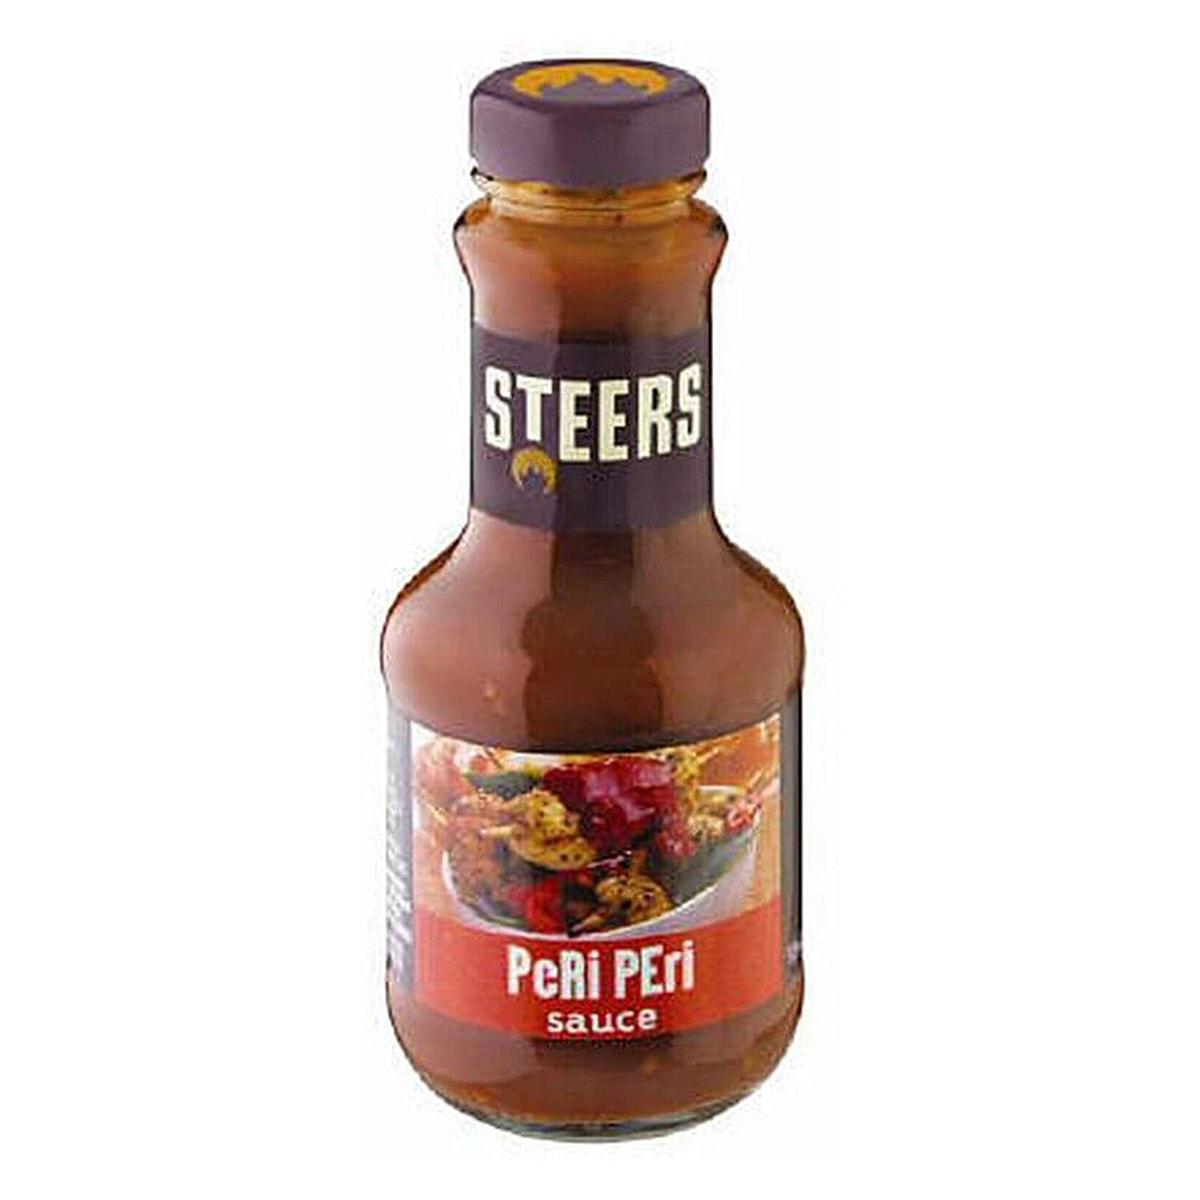 Buy Steers Hot Peri-peri Sauce - 375 ml